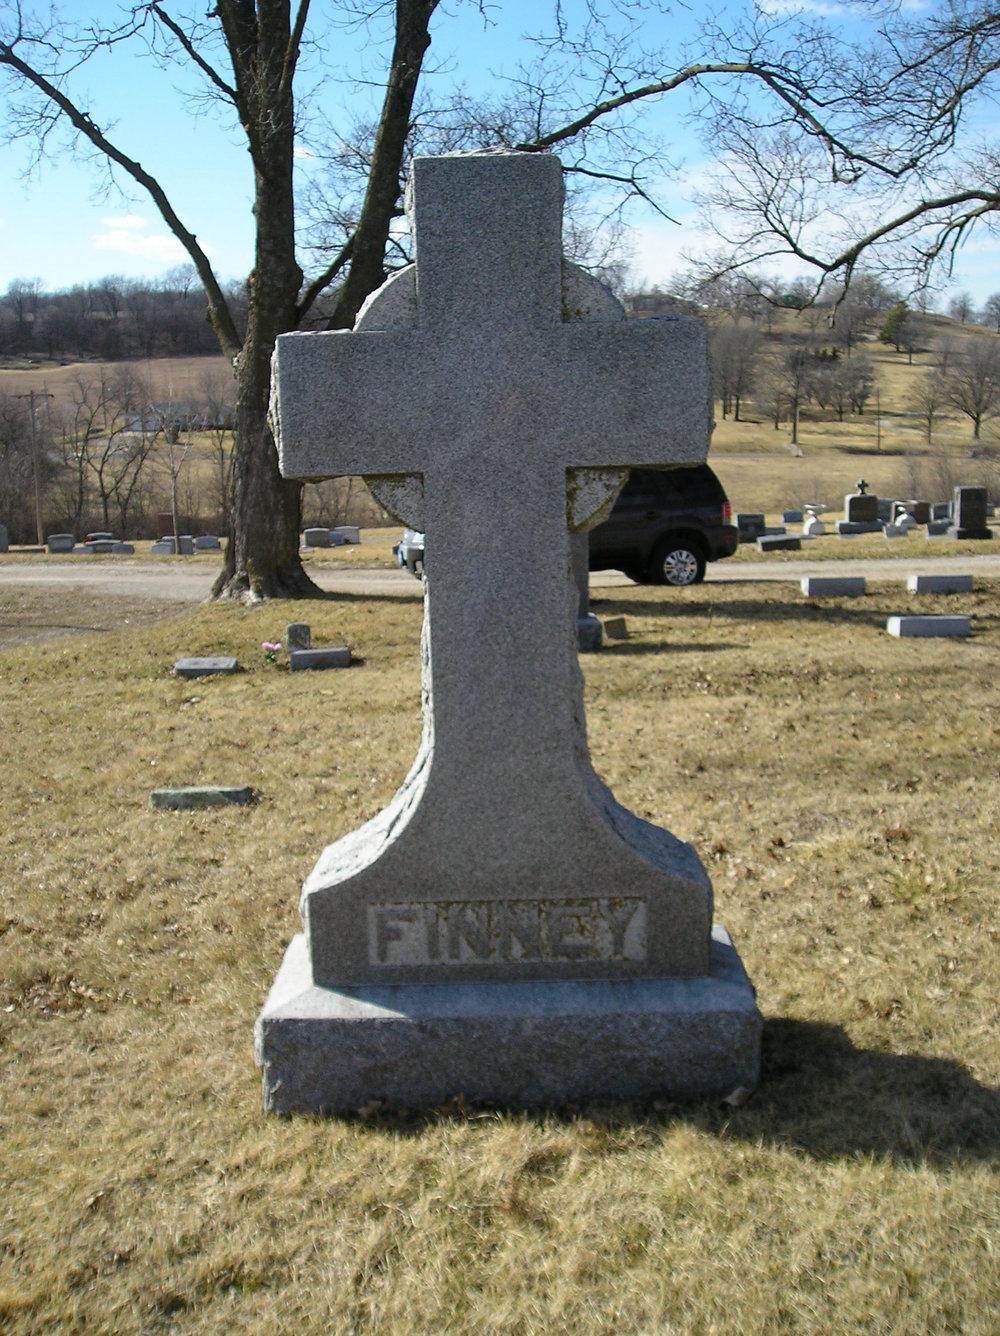 Finney Grave Marker.JPG